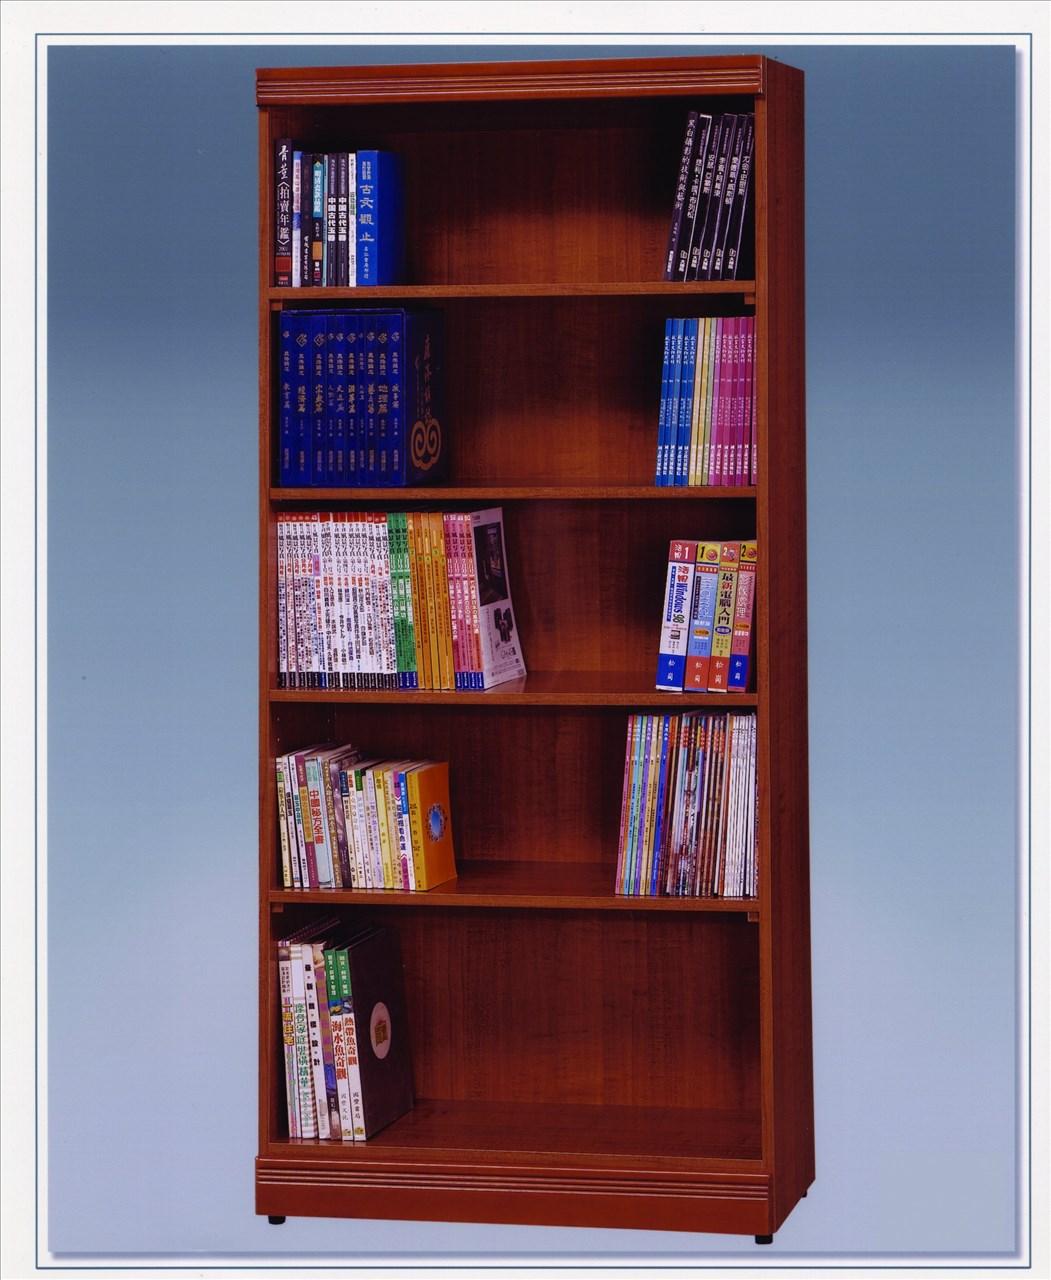 【石川家居】OU-725-3 柚木色3*6尺開放書架 (不含其他商品) 需搭配車趟